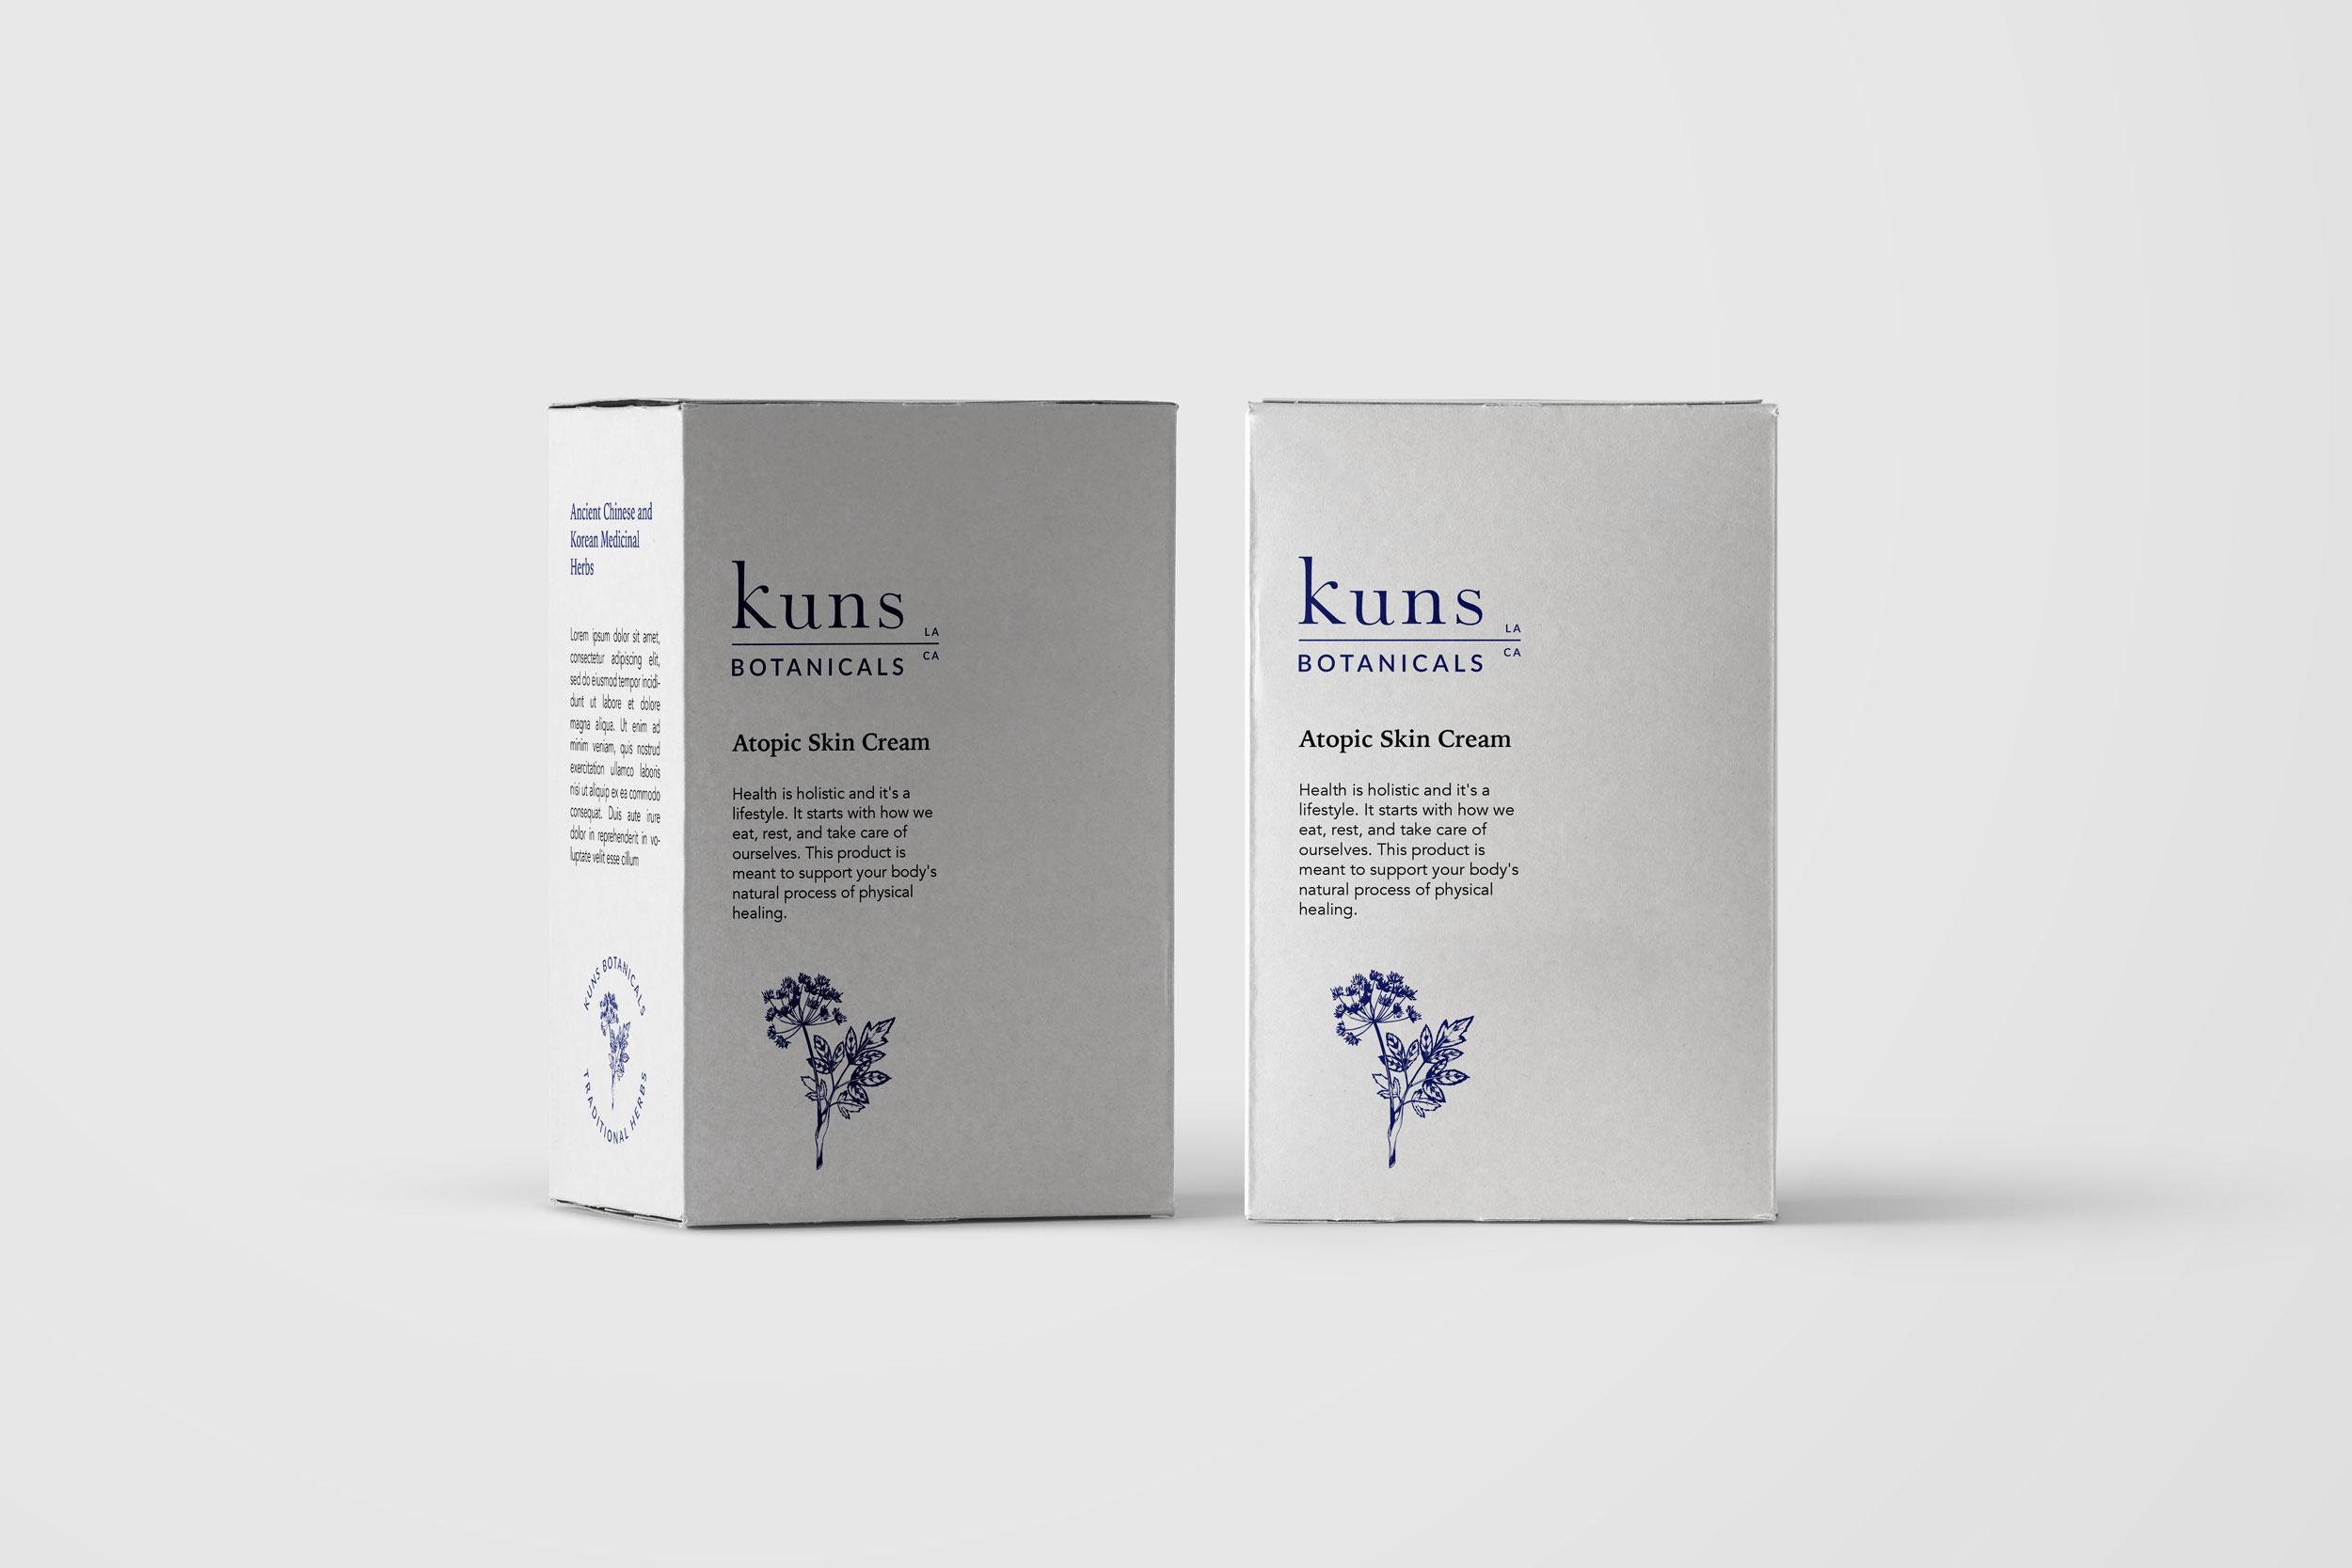 Kuns_Box.jpg